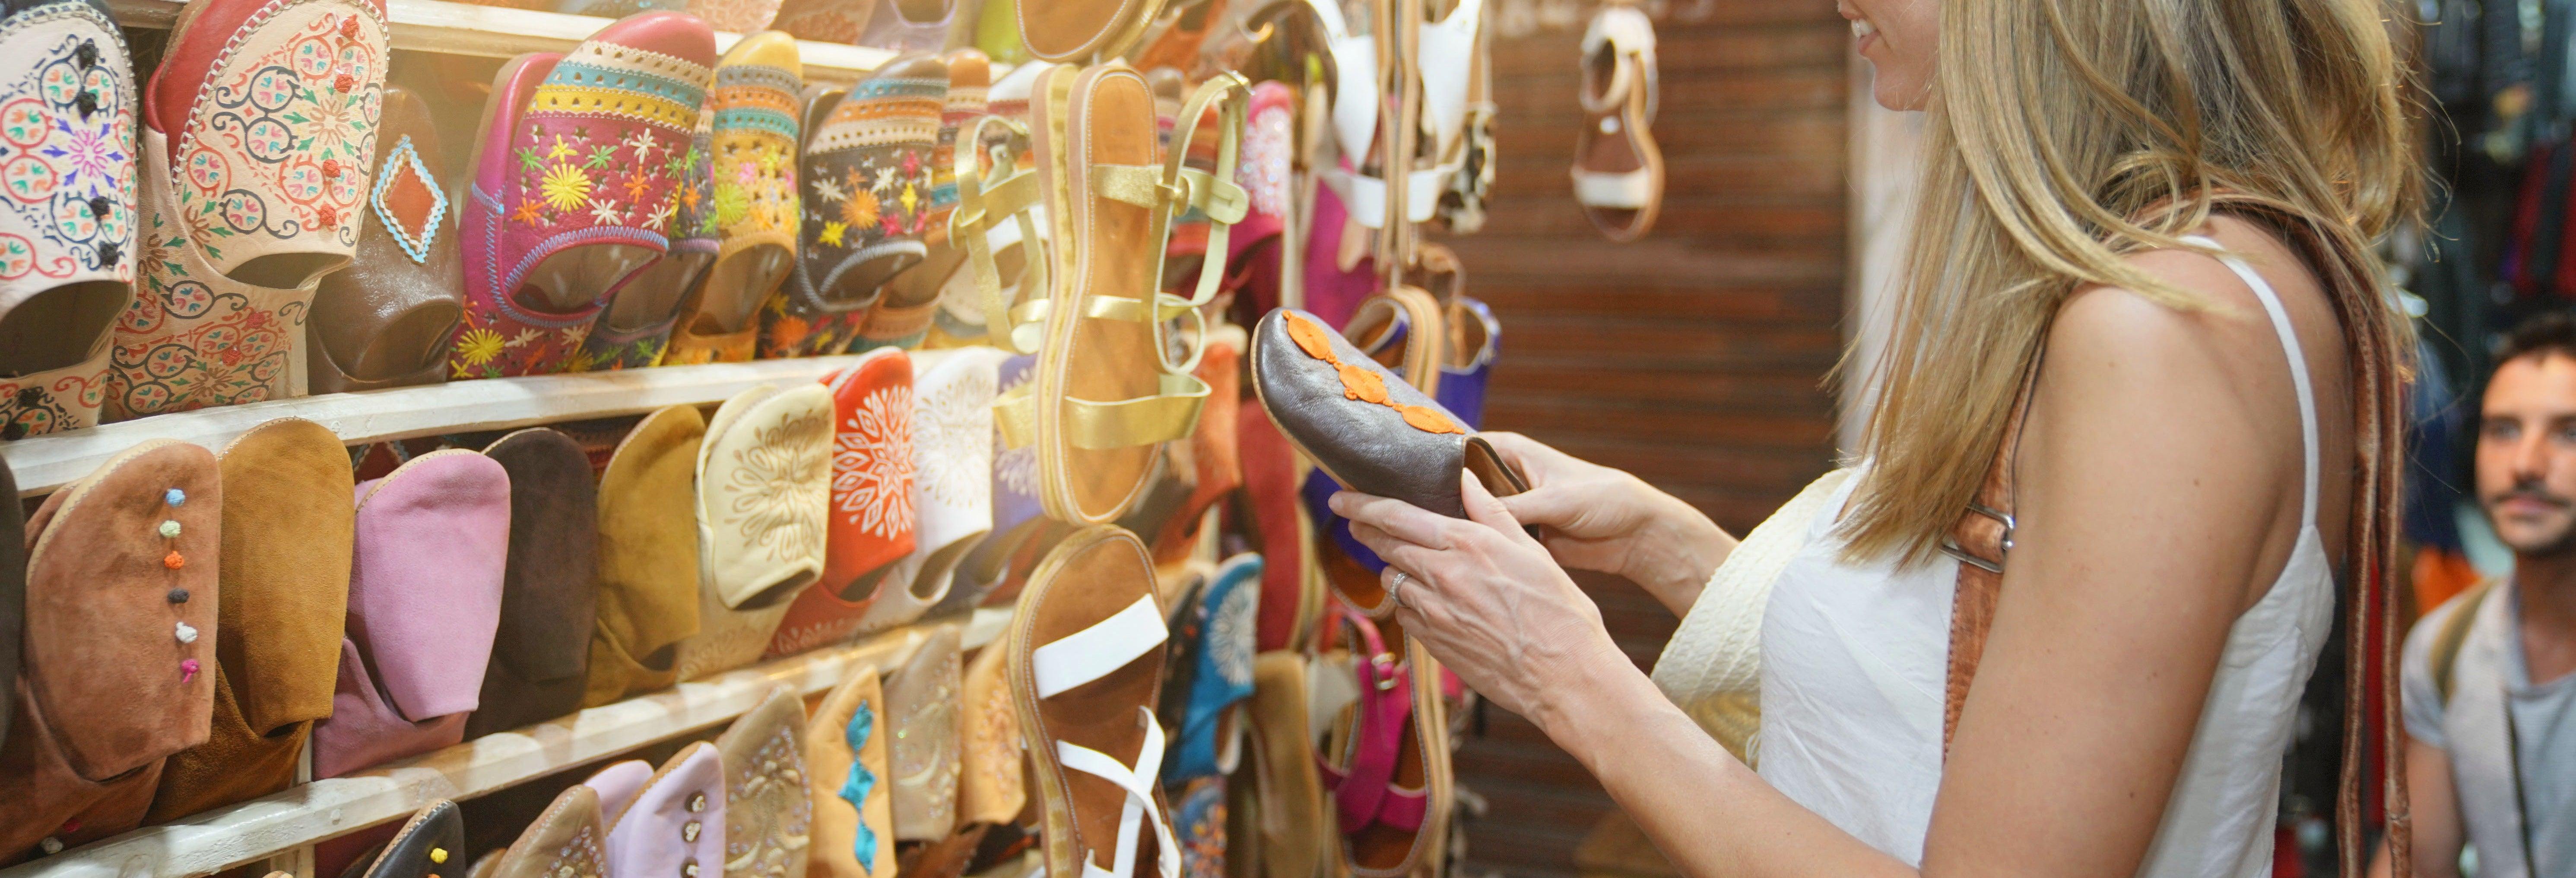 Excursion shopping dans la Médina